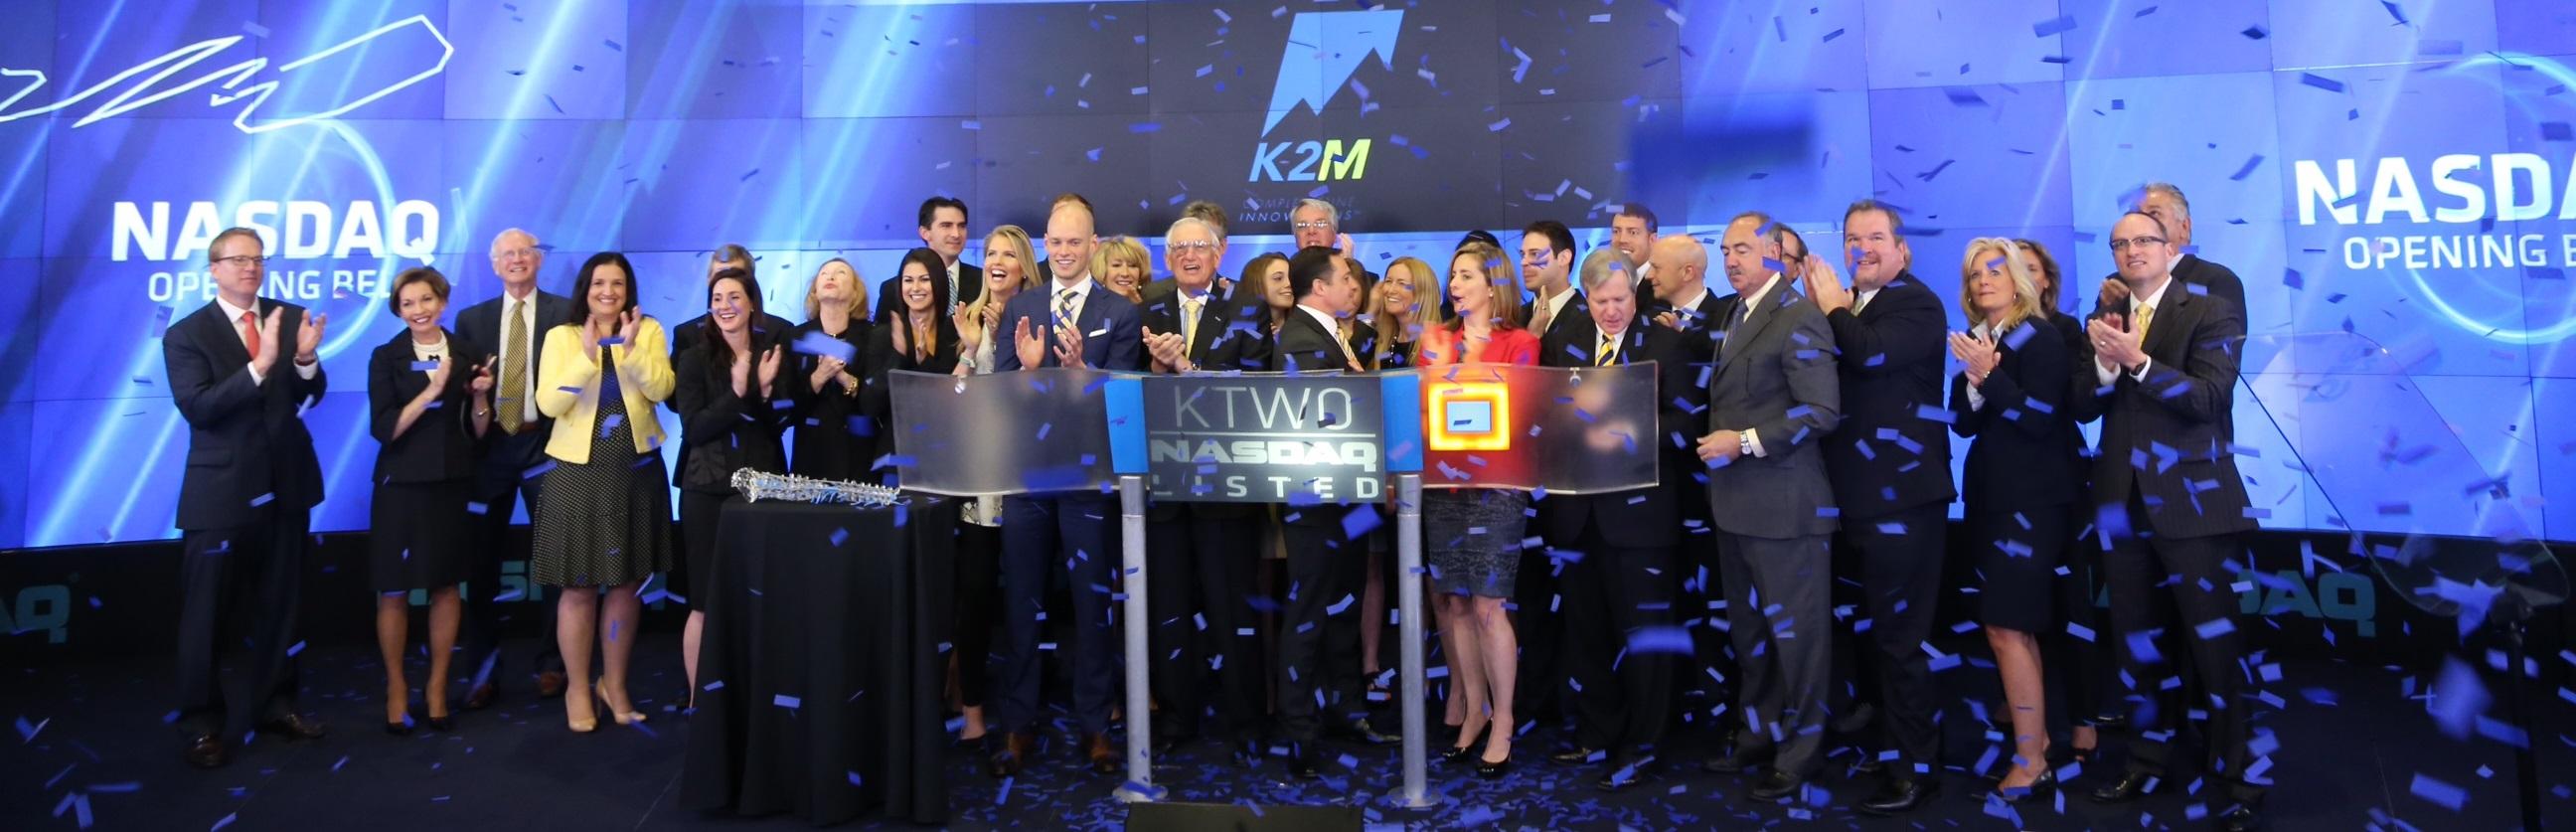 K2M Inc. NASDAQ IPO